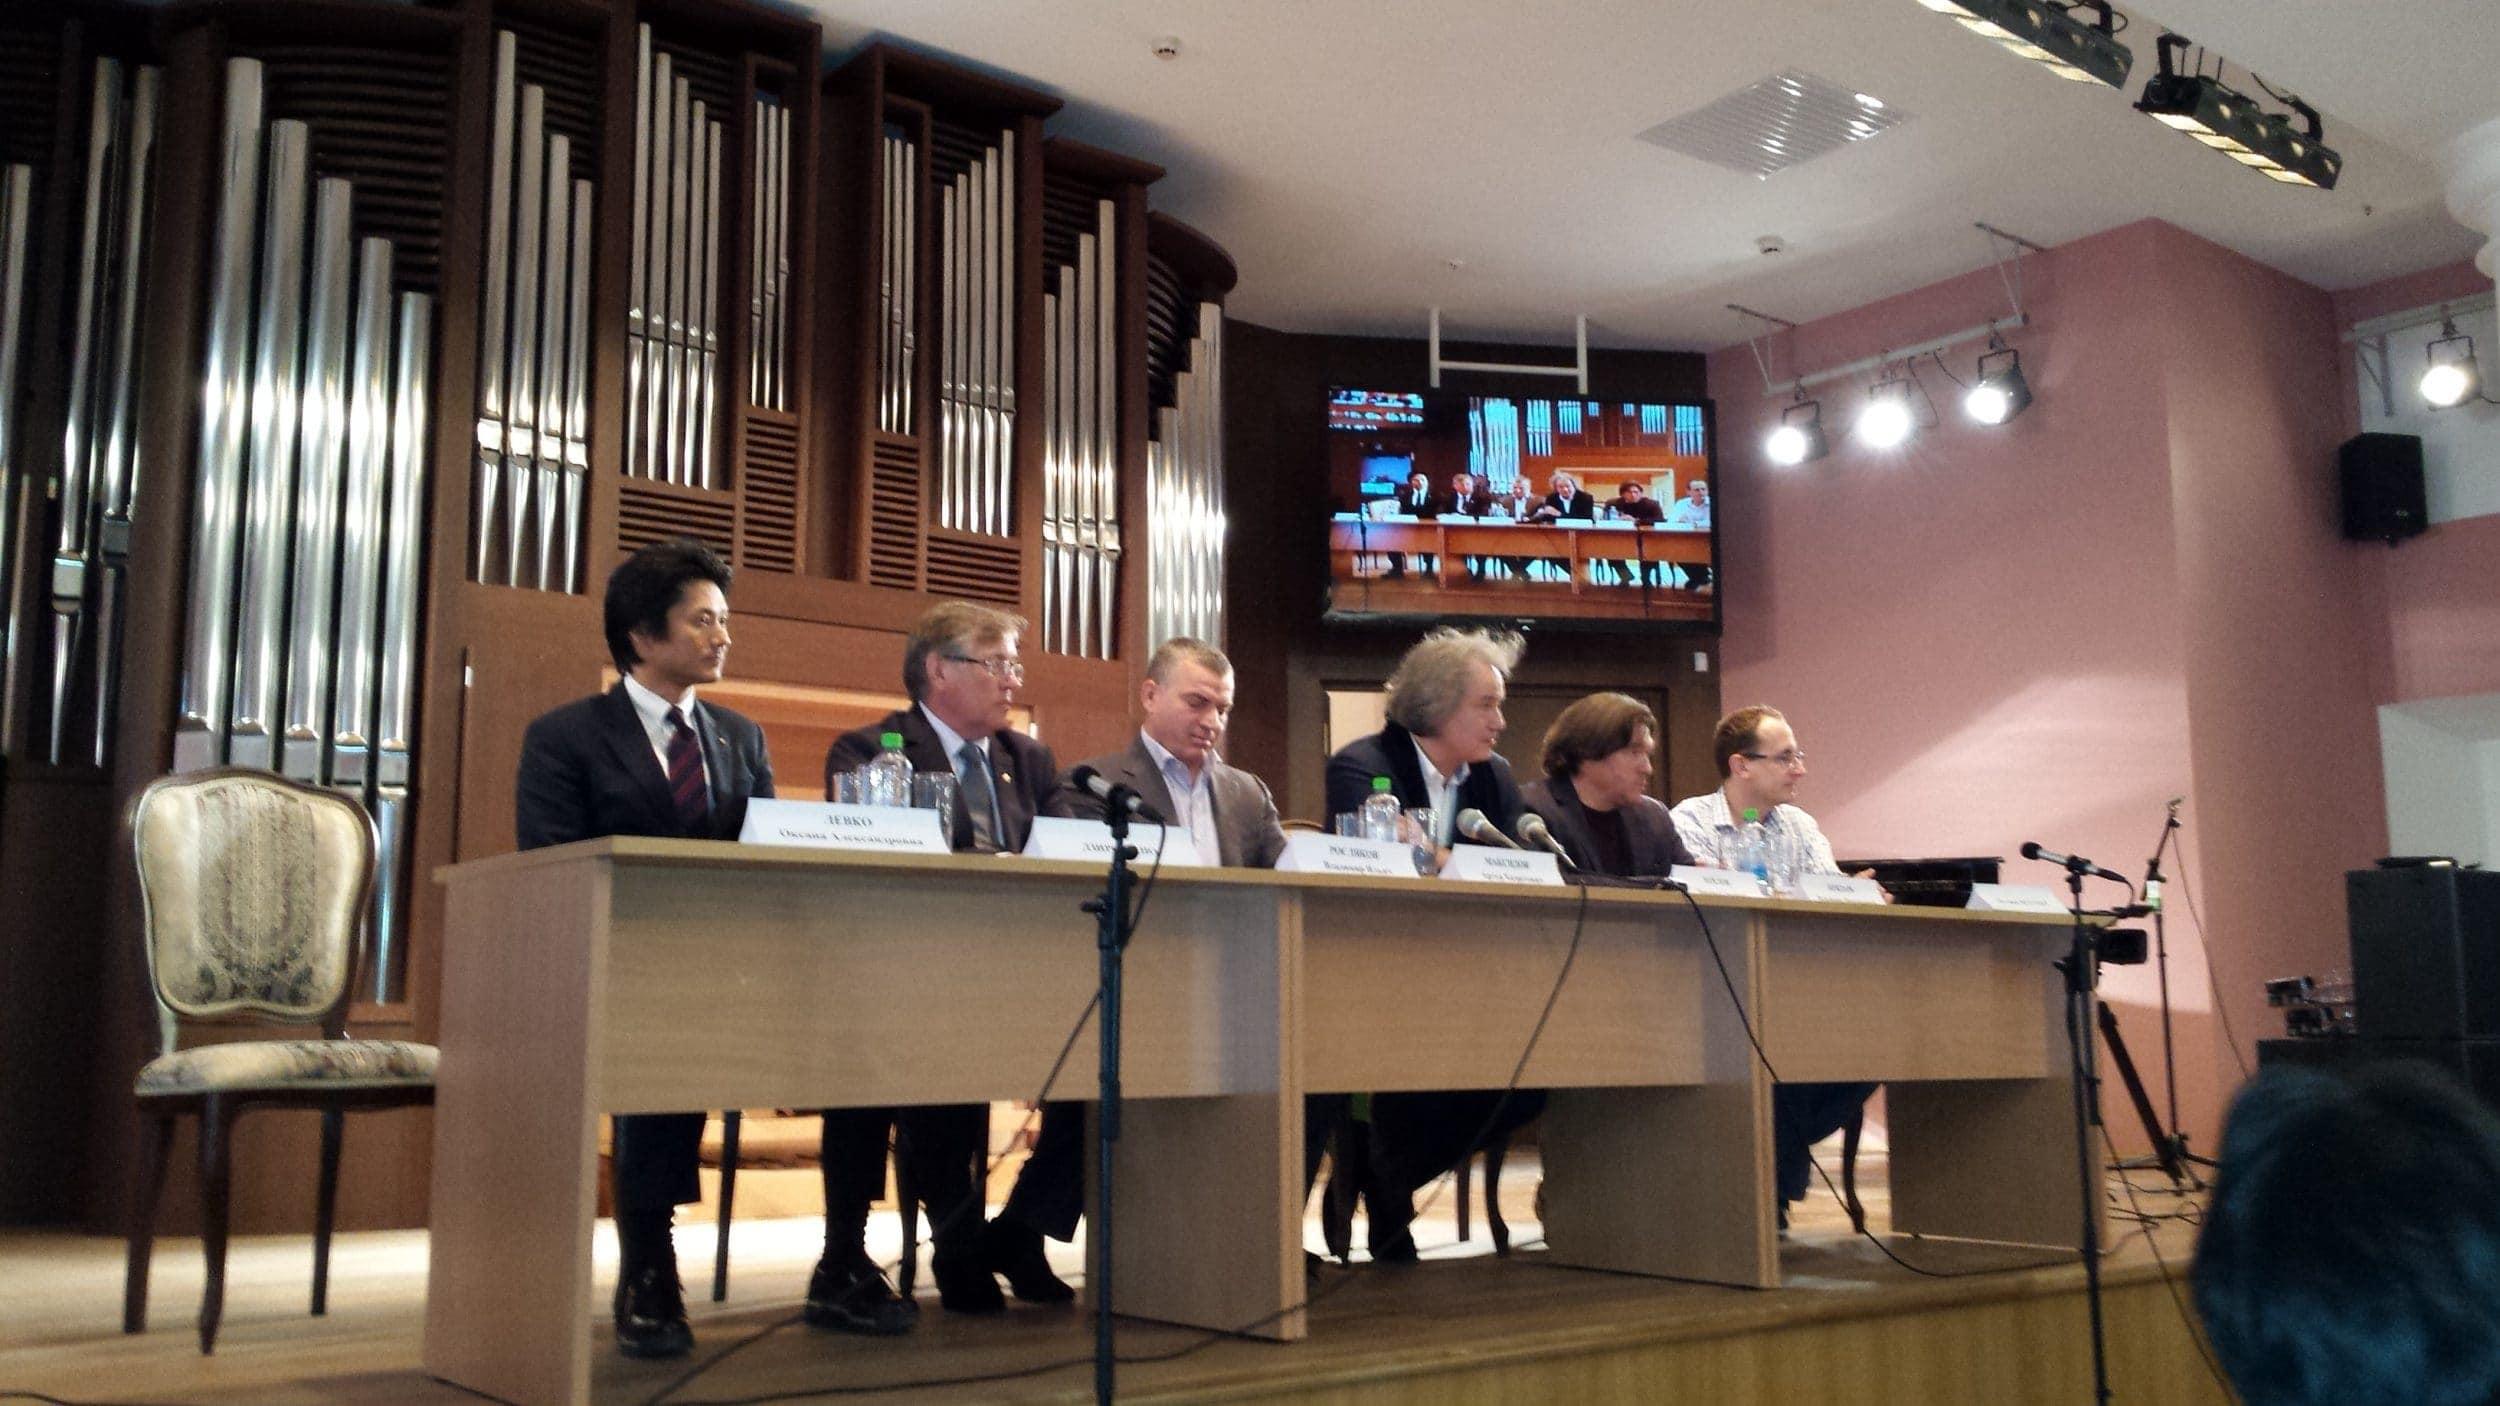 Пресс-конференция, посвященная открытию МССМШ им. Гнесиных после реконструкции